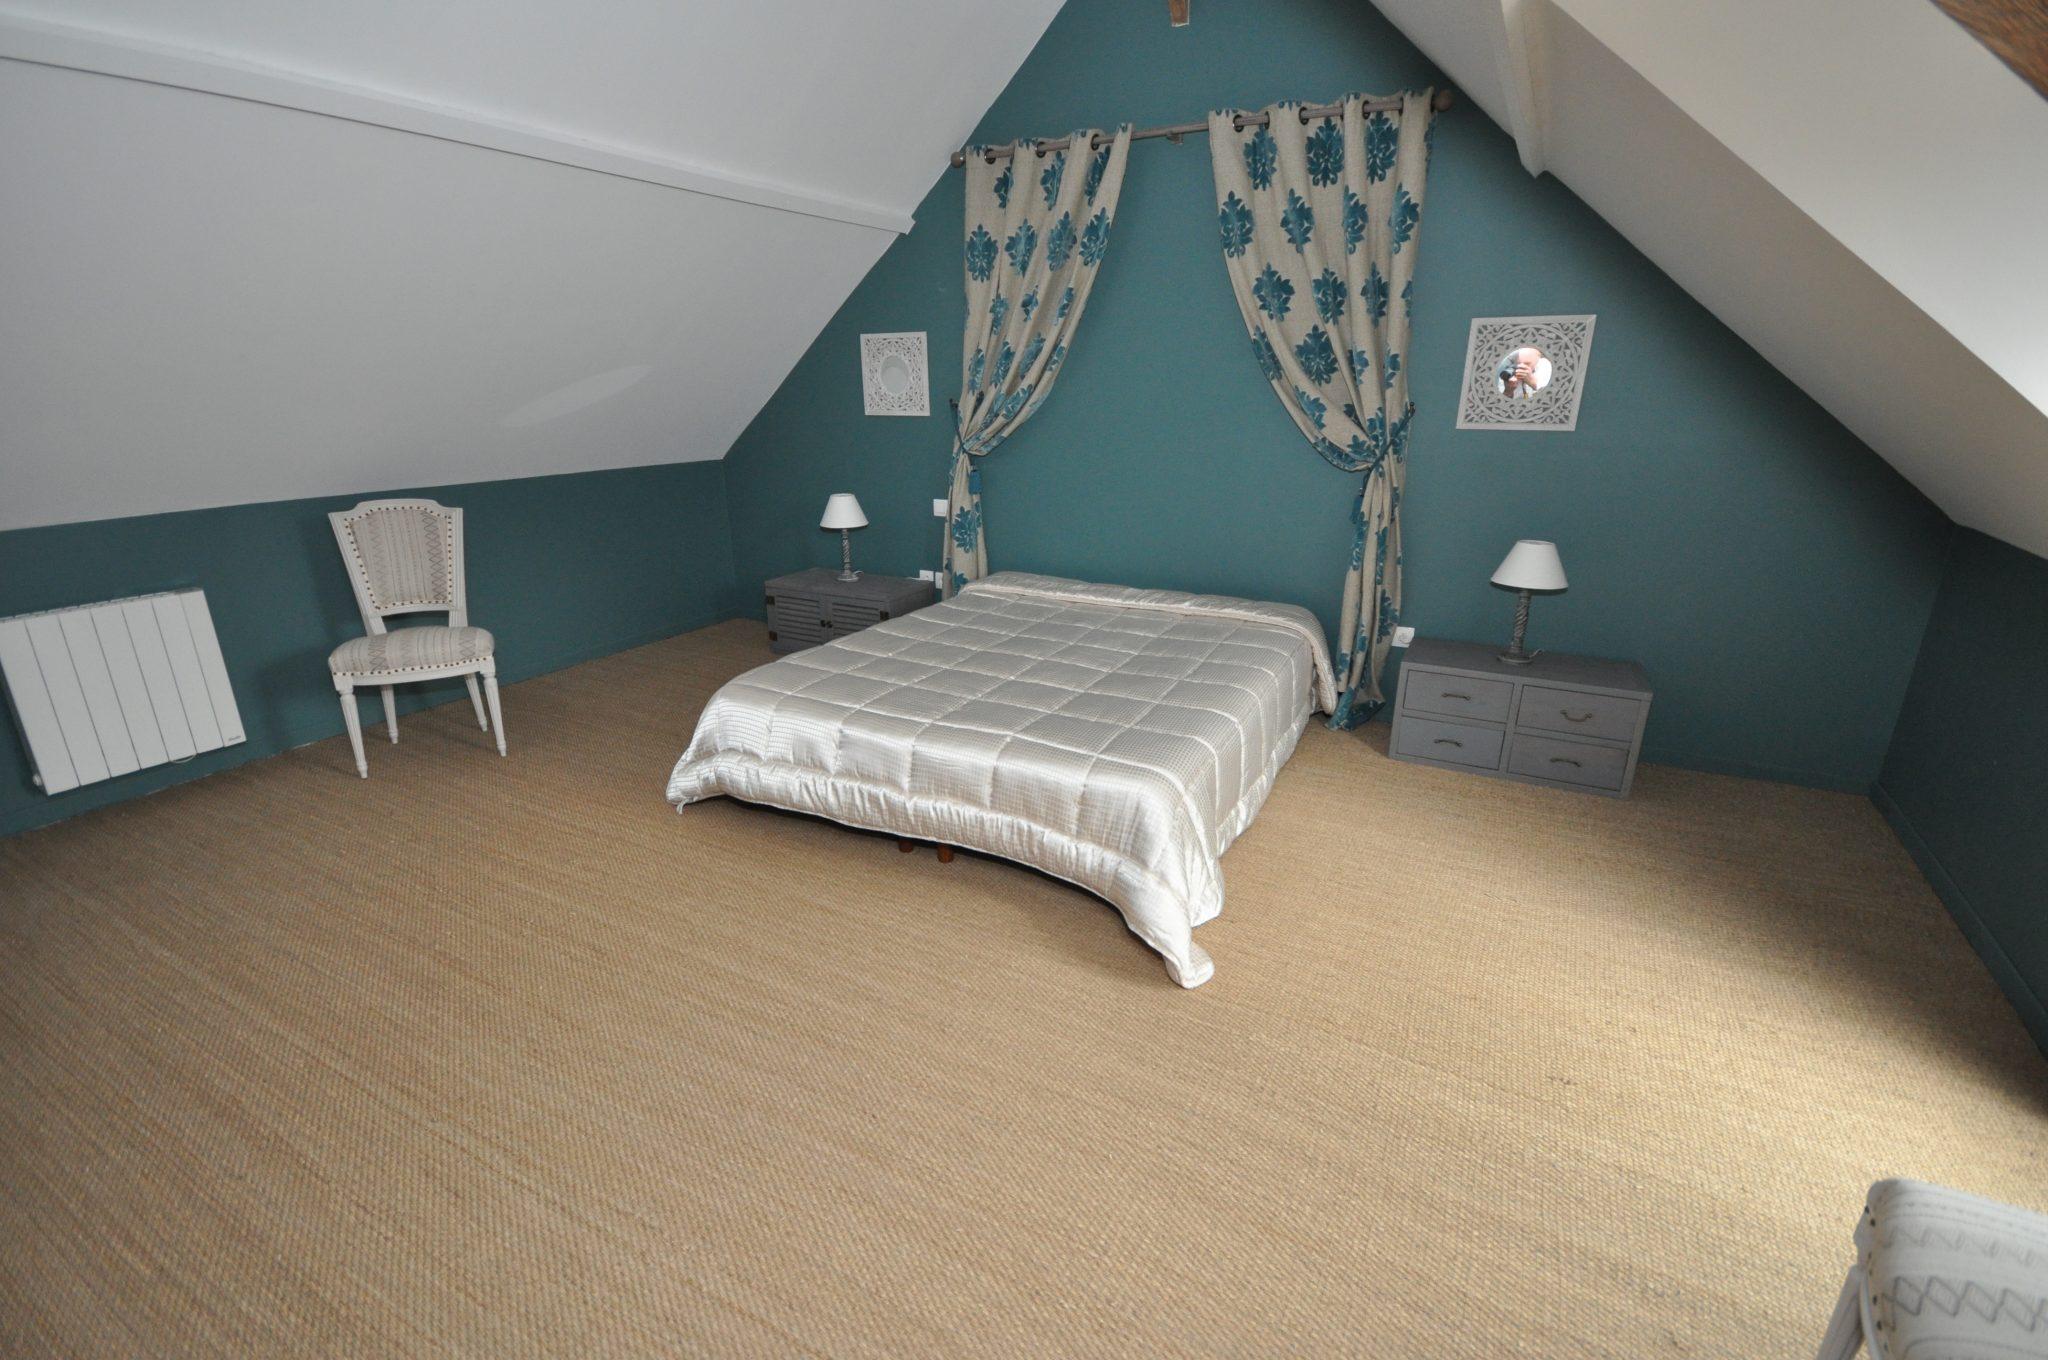 tarifs gite de la broderie p v le. Black Bedroom Furniture Sets. Home Design Ideas